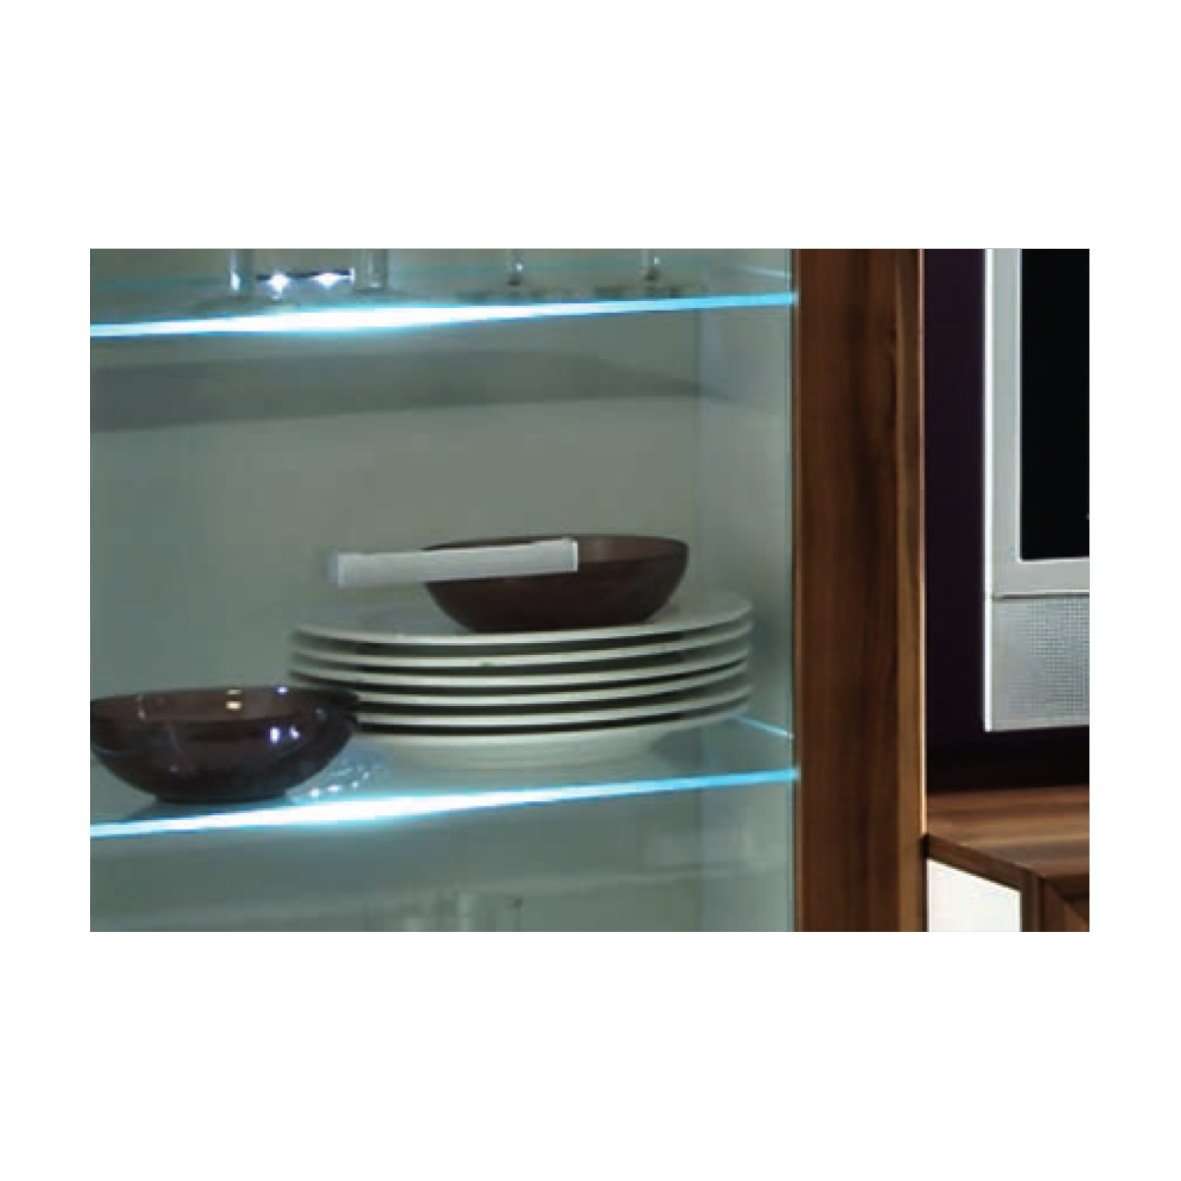 Led glasbodenbeleuchtung glaskante glasboden metall clip for Design artikel shop